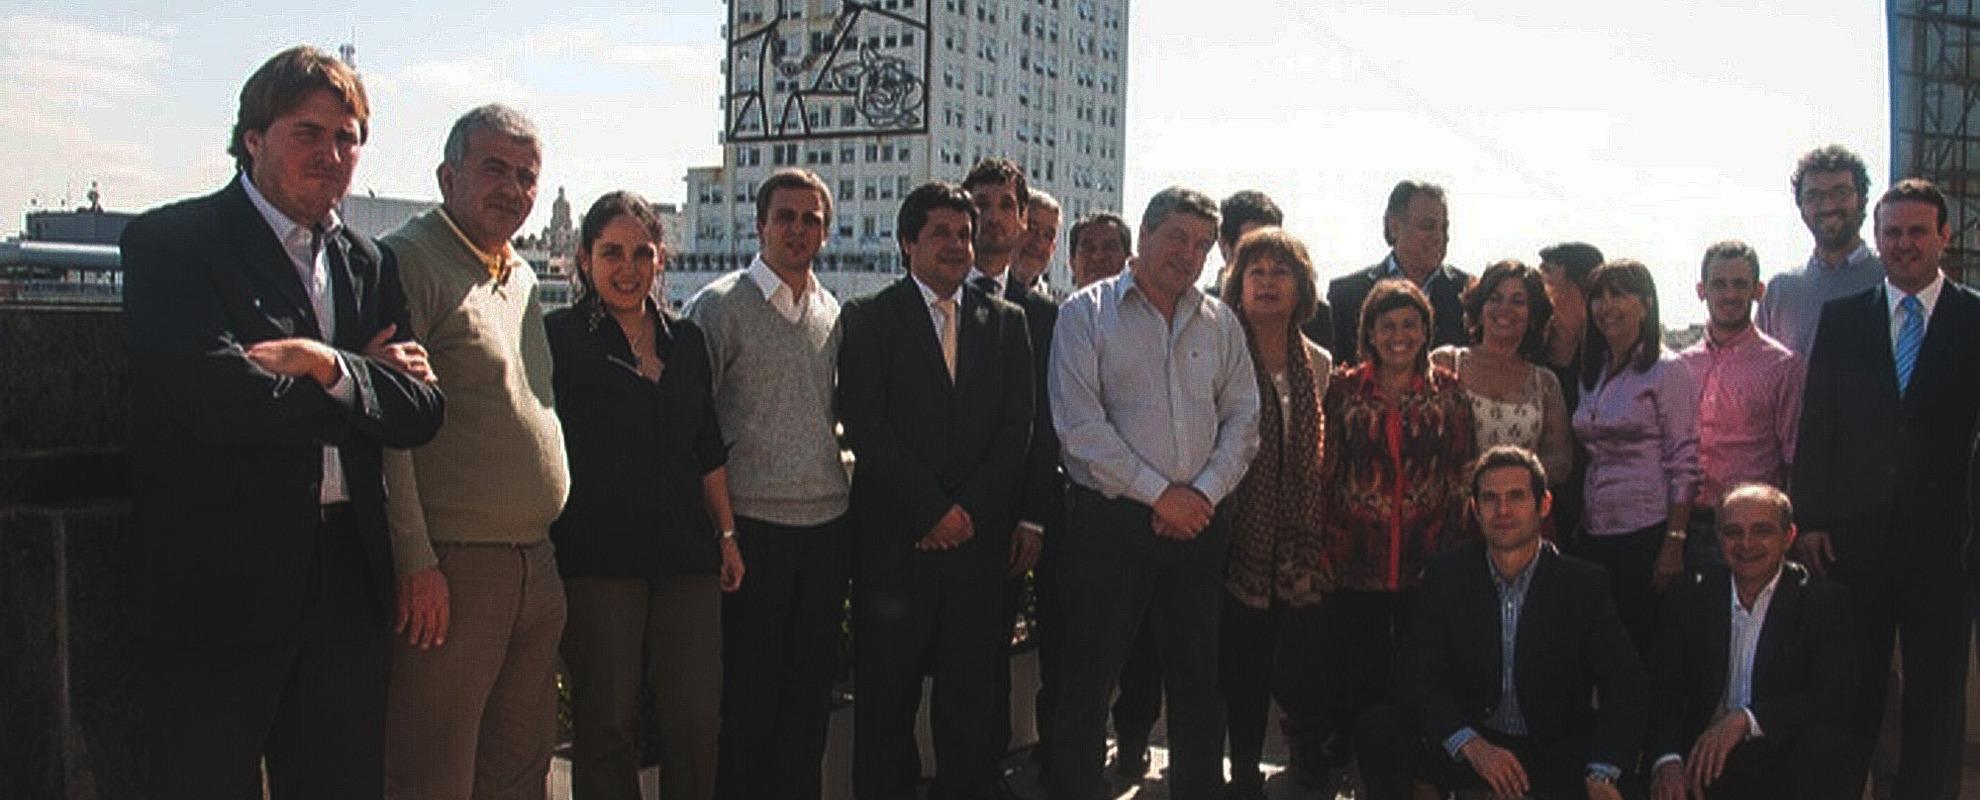 Felicitamos a los abogados en su día, en particular a nuestro Equipo Jurídico encabezado por León Piasek.